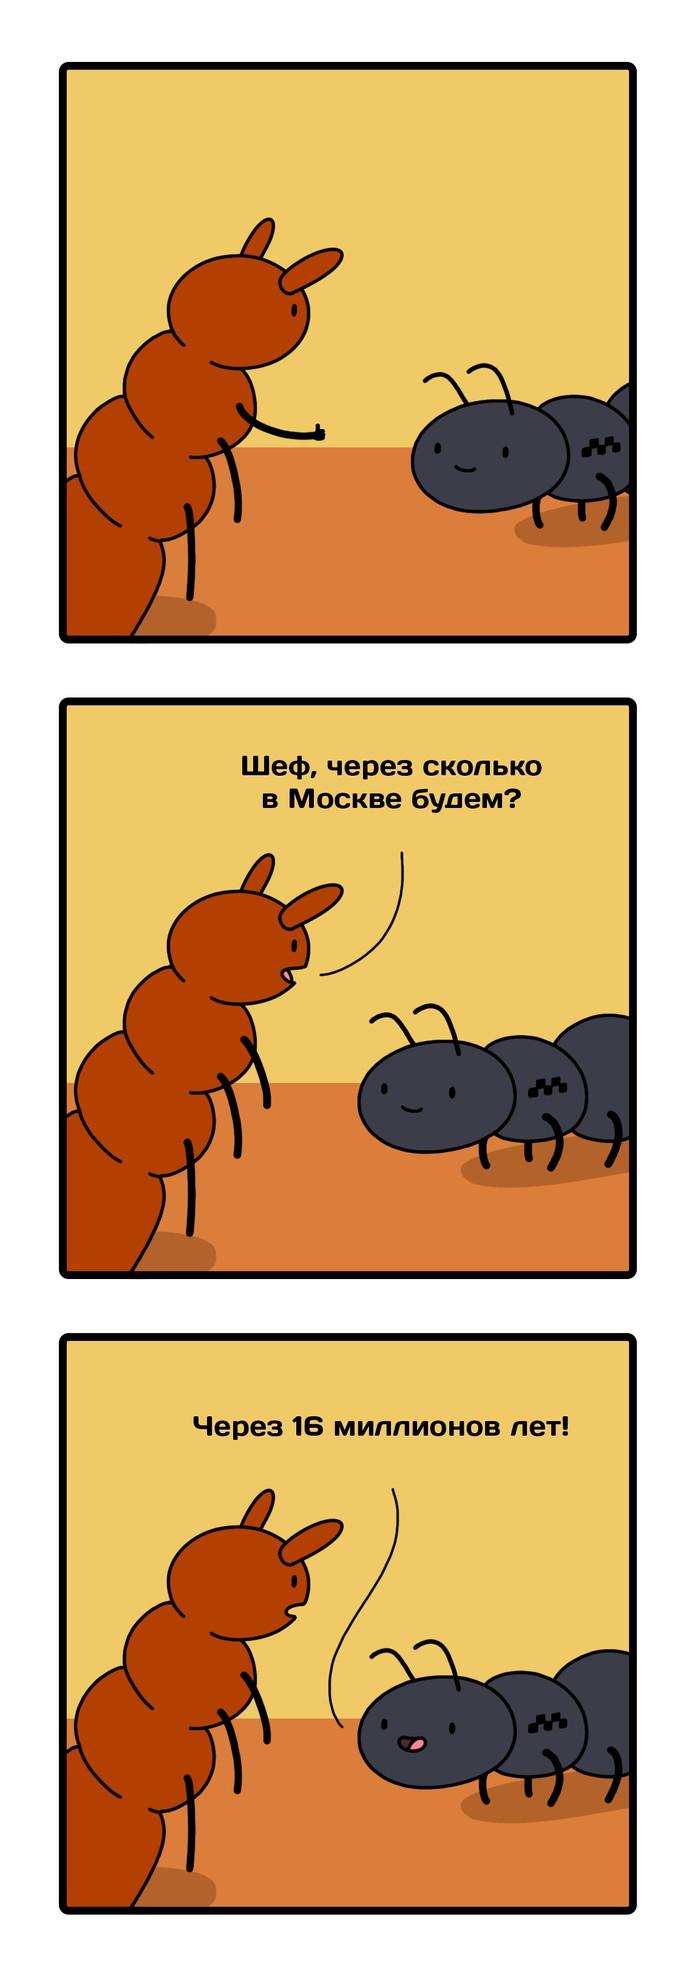 Новость 934:Ногохвостки возрастом 16 миллионов лет прокатились на муравье и термите Археология, Такси, Наука, Длиннопост